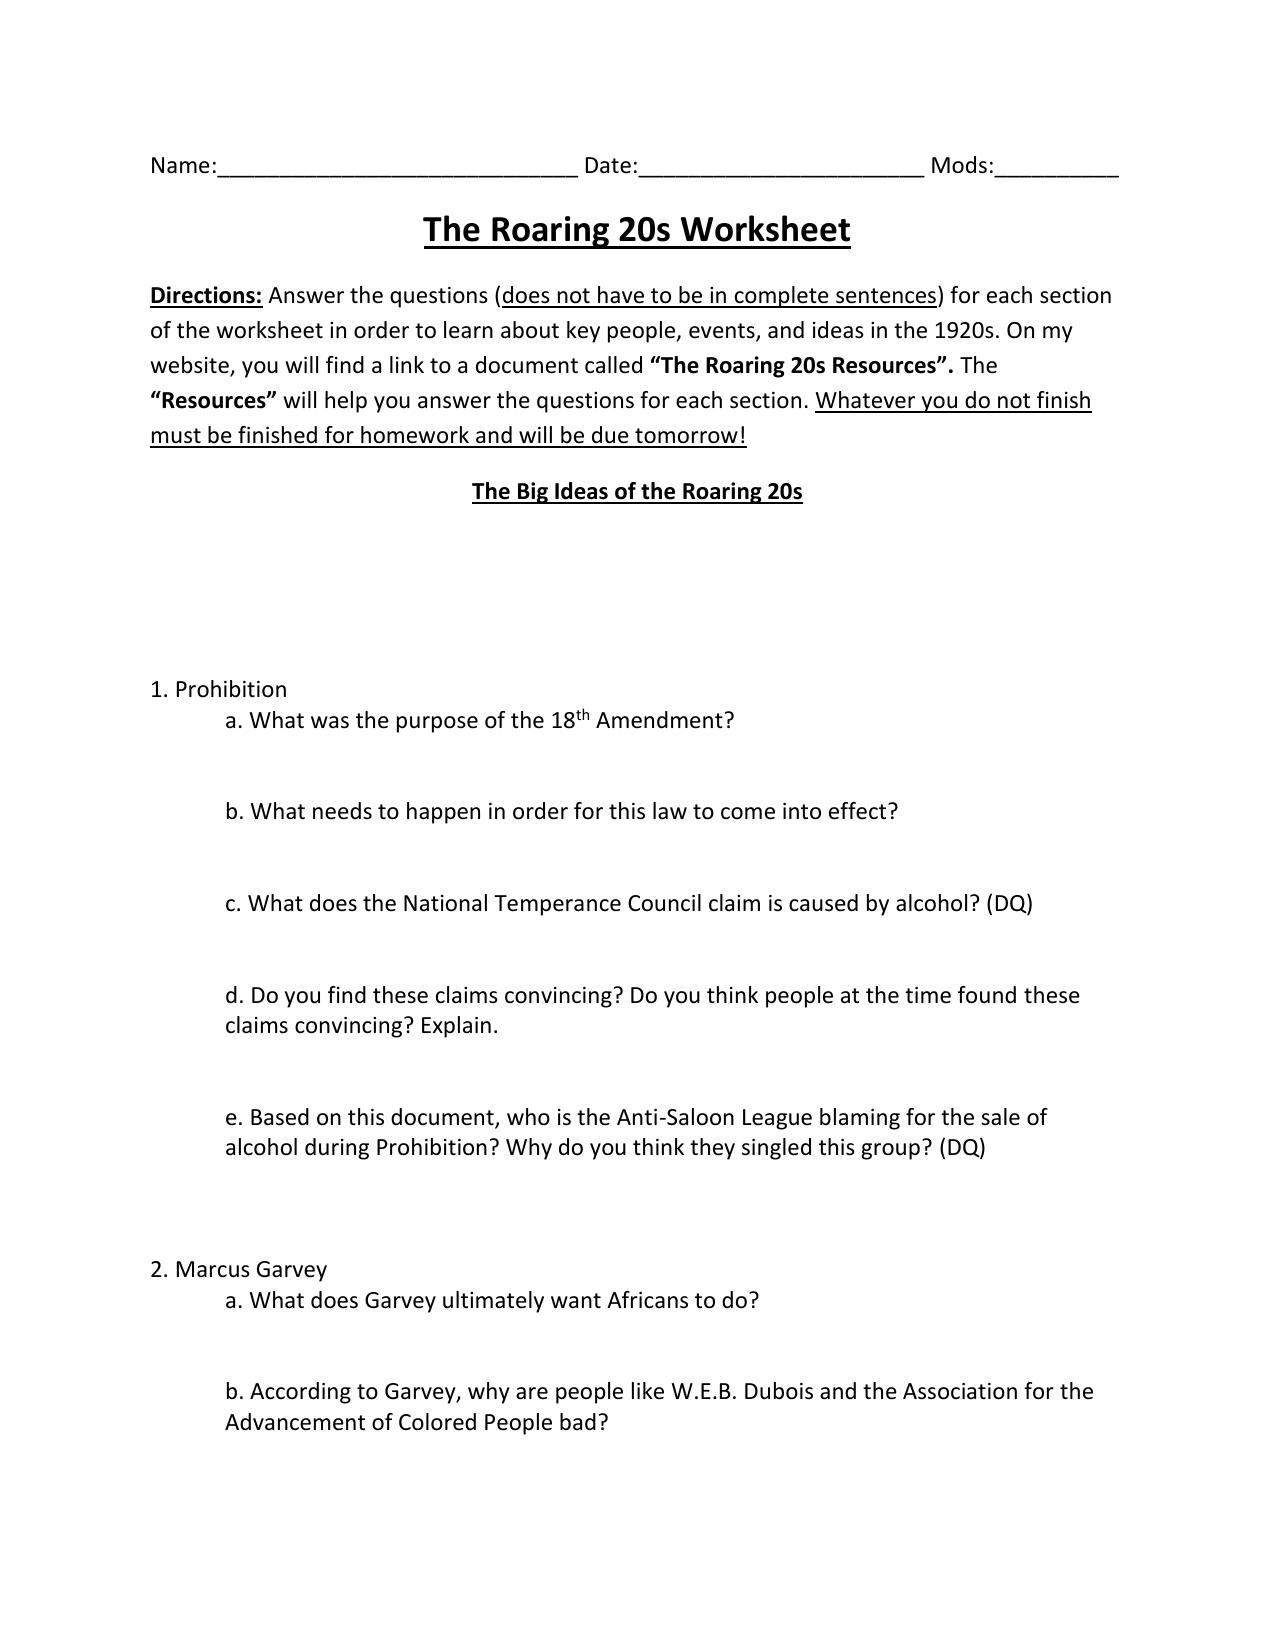 The Roaring Twenties Worksheet Answers